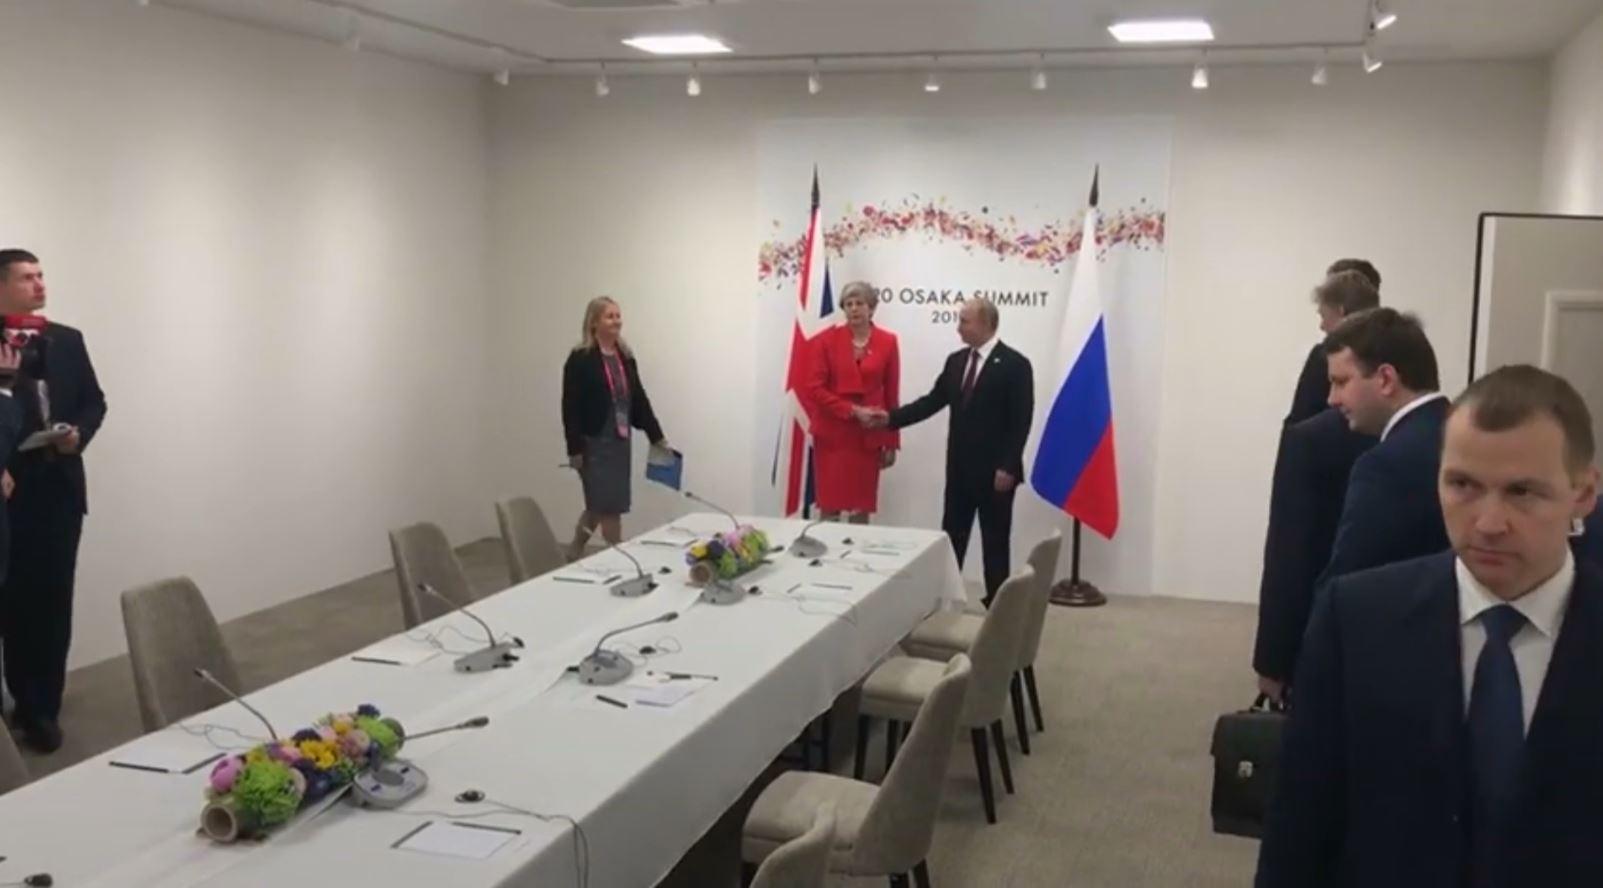 Marrëdhëniet Britani-Rusi, May takon Putin: Mjaft me sjellje të papërgjegjshme